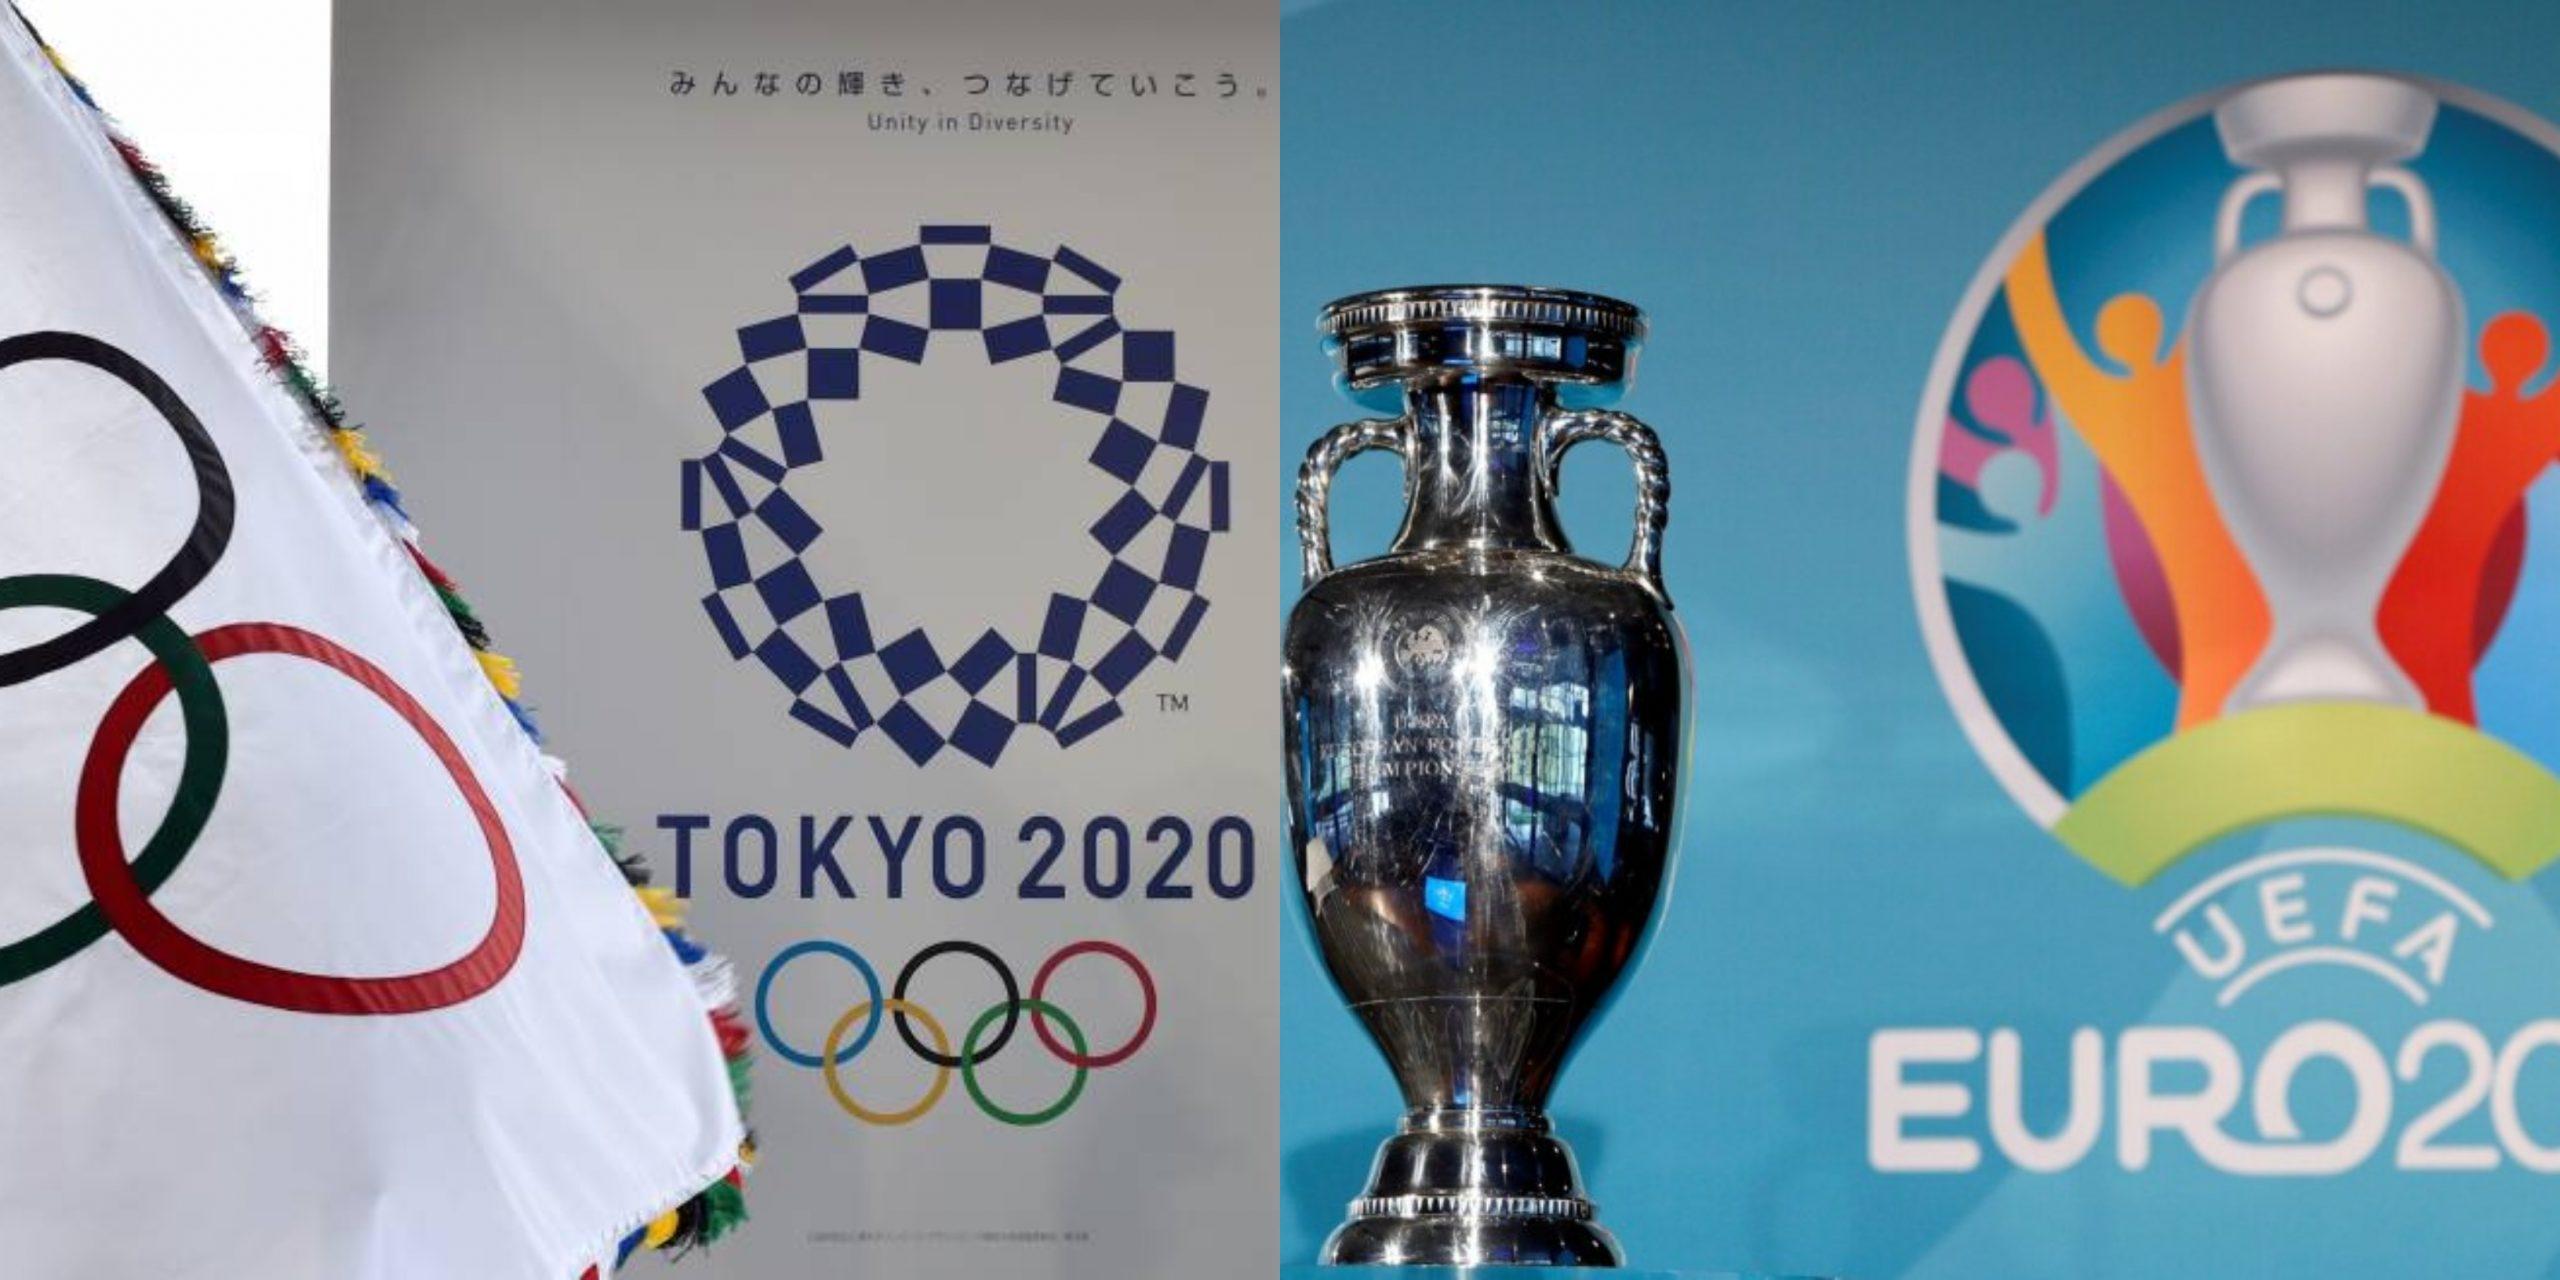 Տոկիոյի Օլիմպիական խաղերն ու Եվրո-2020-ը կարող են հետաձգվել կորոնավիրուսի պատճառով